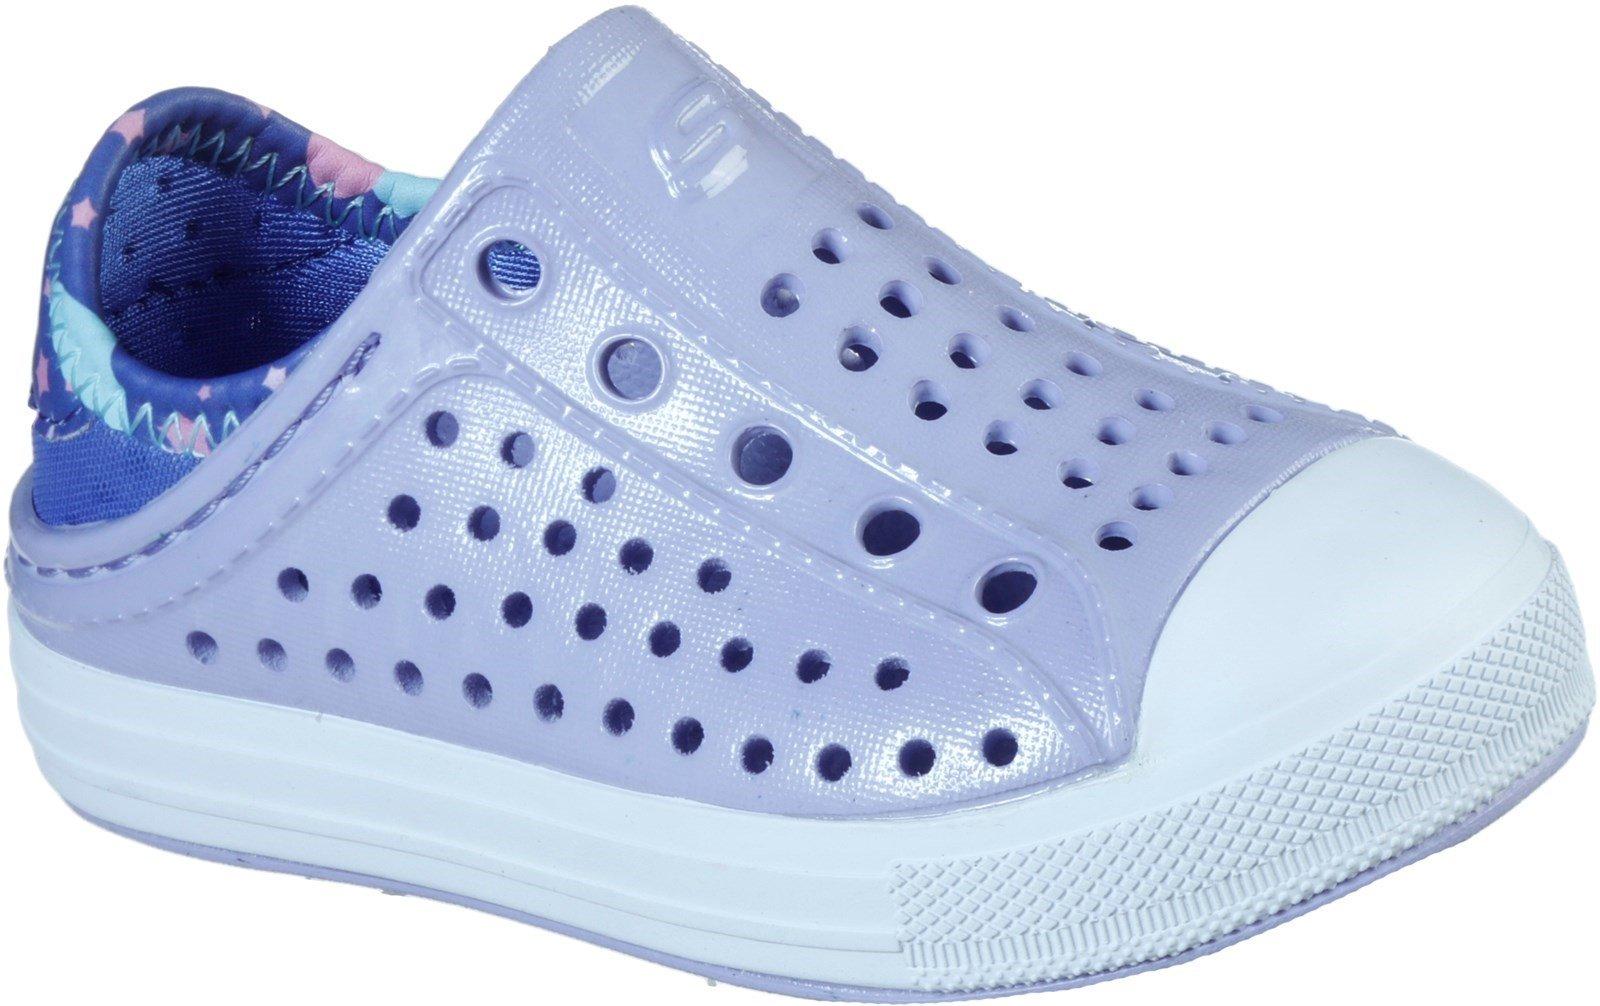 Skechers Women's Guzman Steps Slip On Sandal Lavender 30782 - Lavender 4